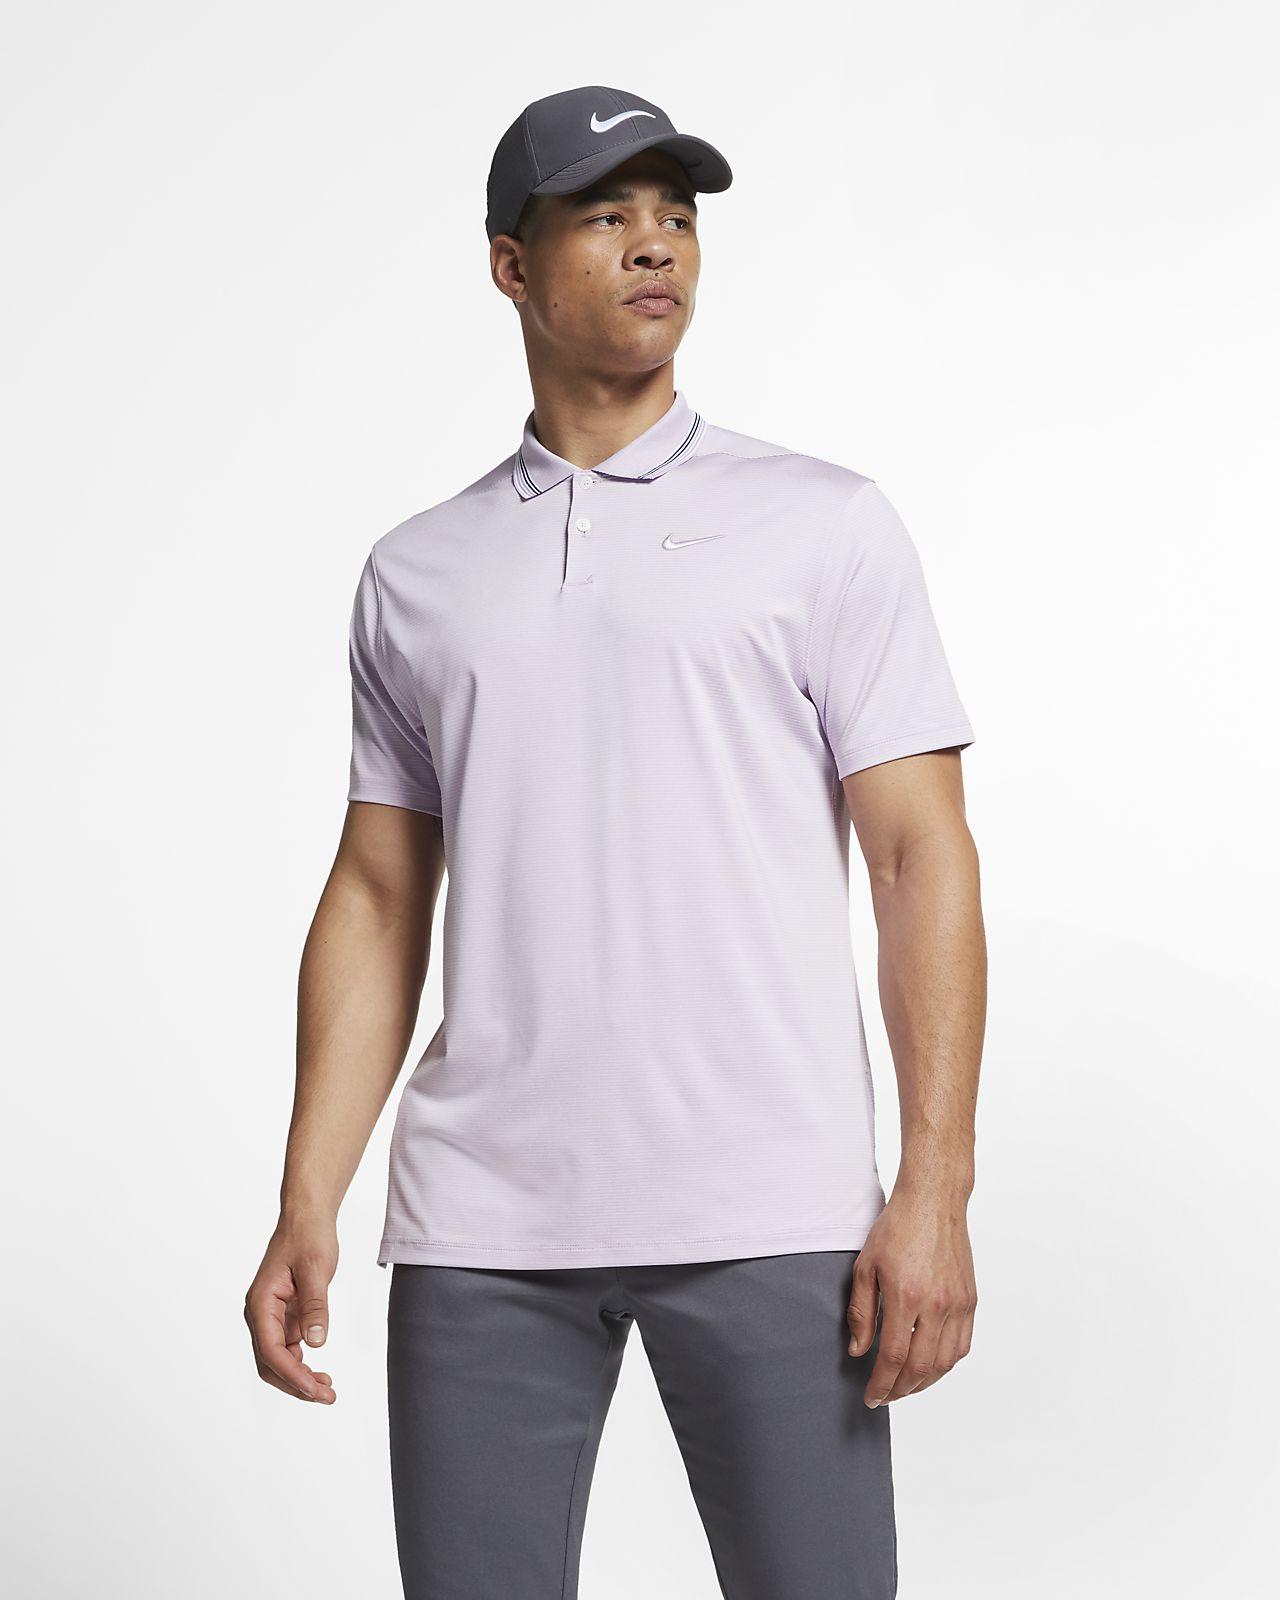 Polo de golf para hombre Nike Dri-FIT Vapor